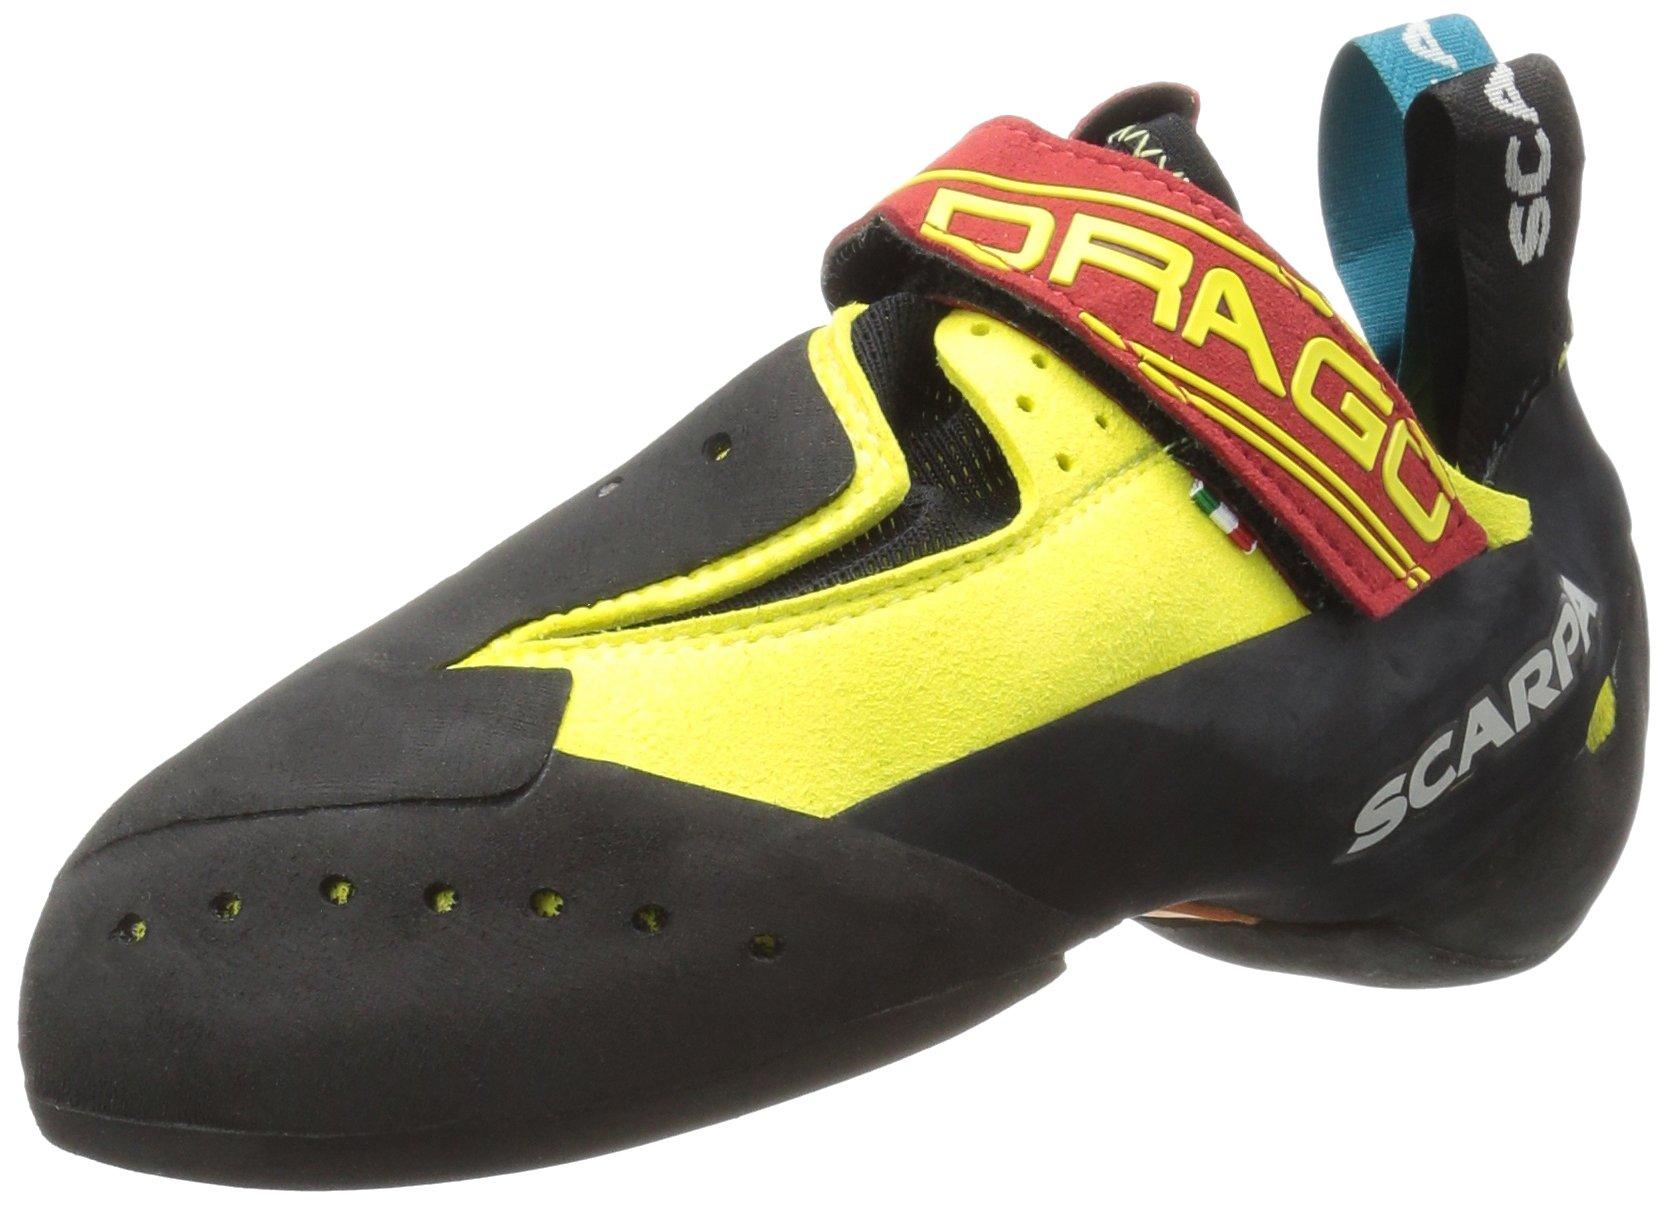 SCARPA Drago Climbing Shoe, Yellow, 42.5 EU/9.5 D US